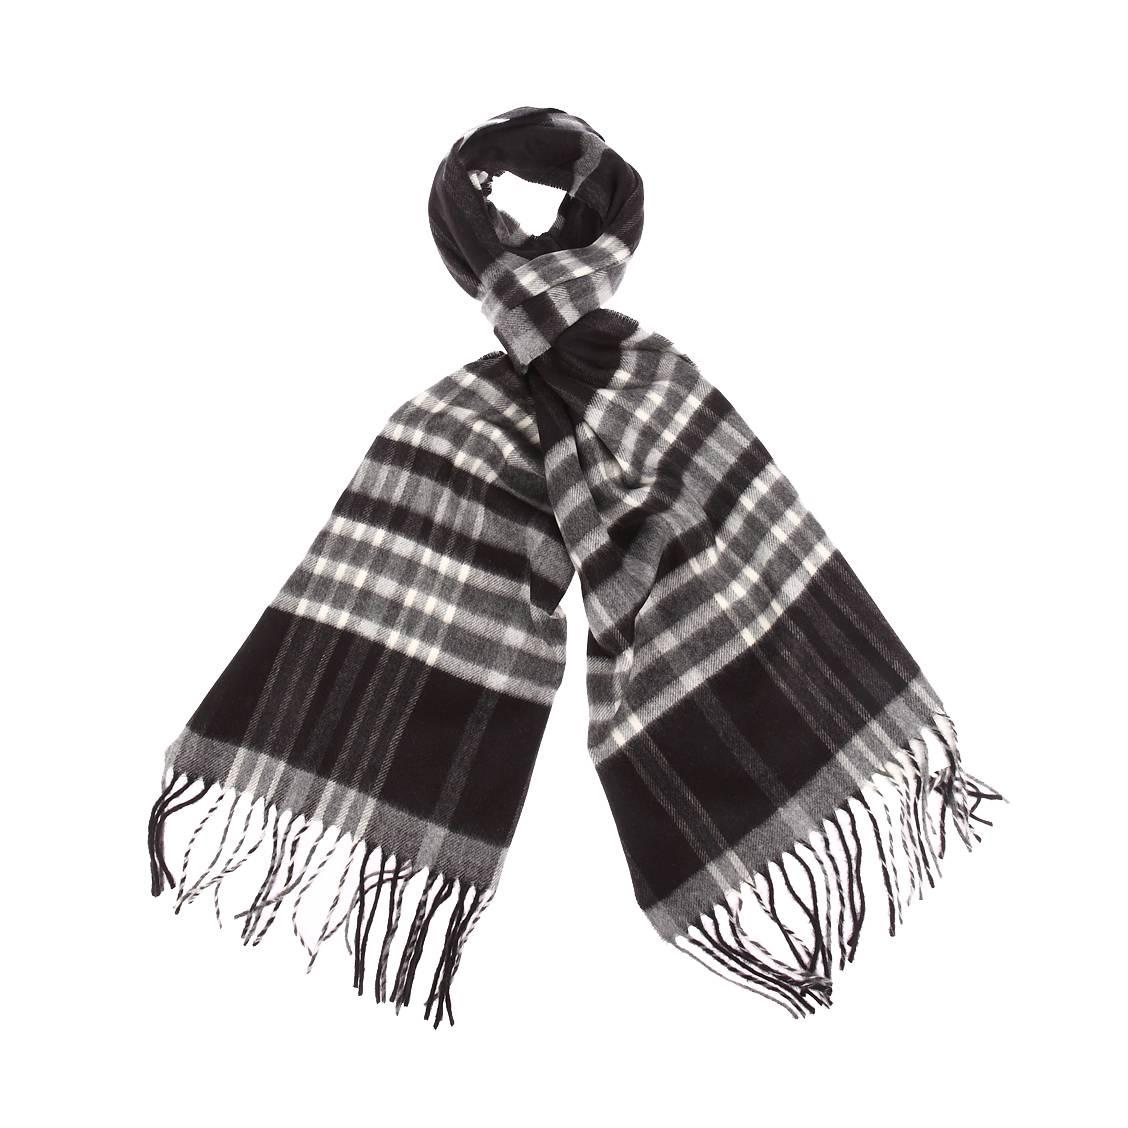 Echarpe douce  à carreaux noirs, gris et blancs